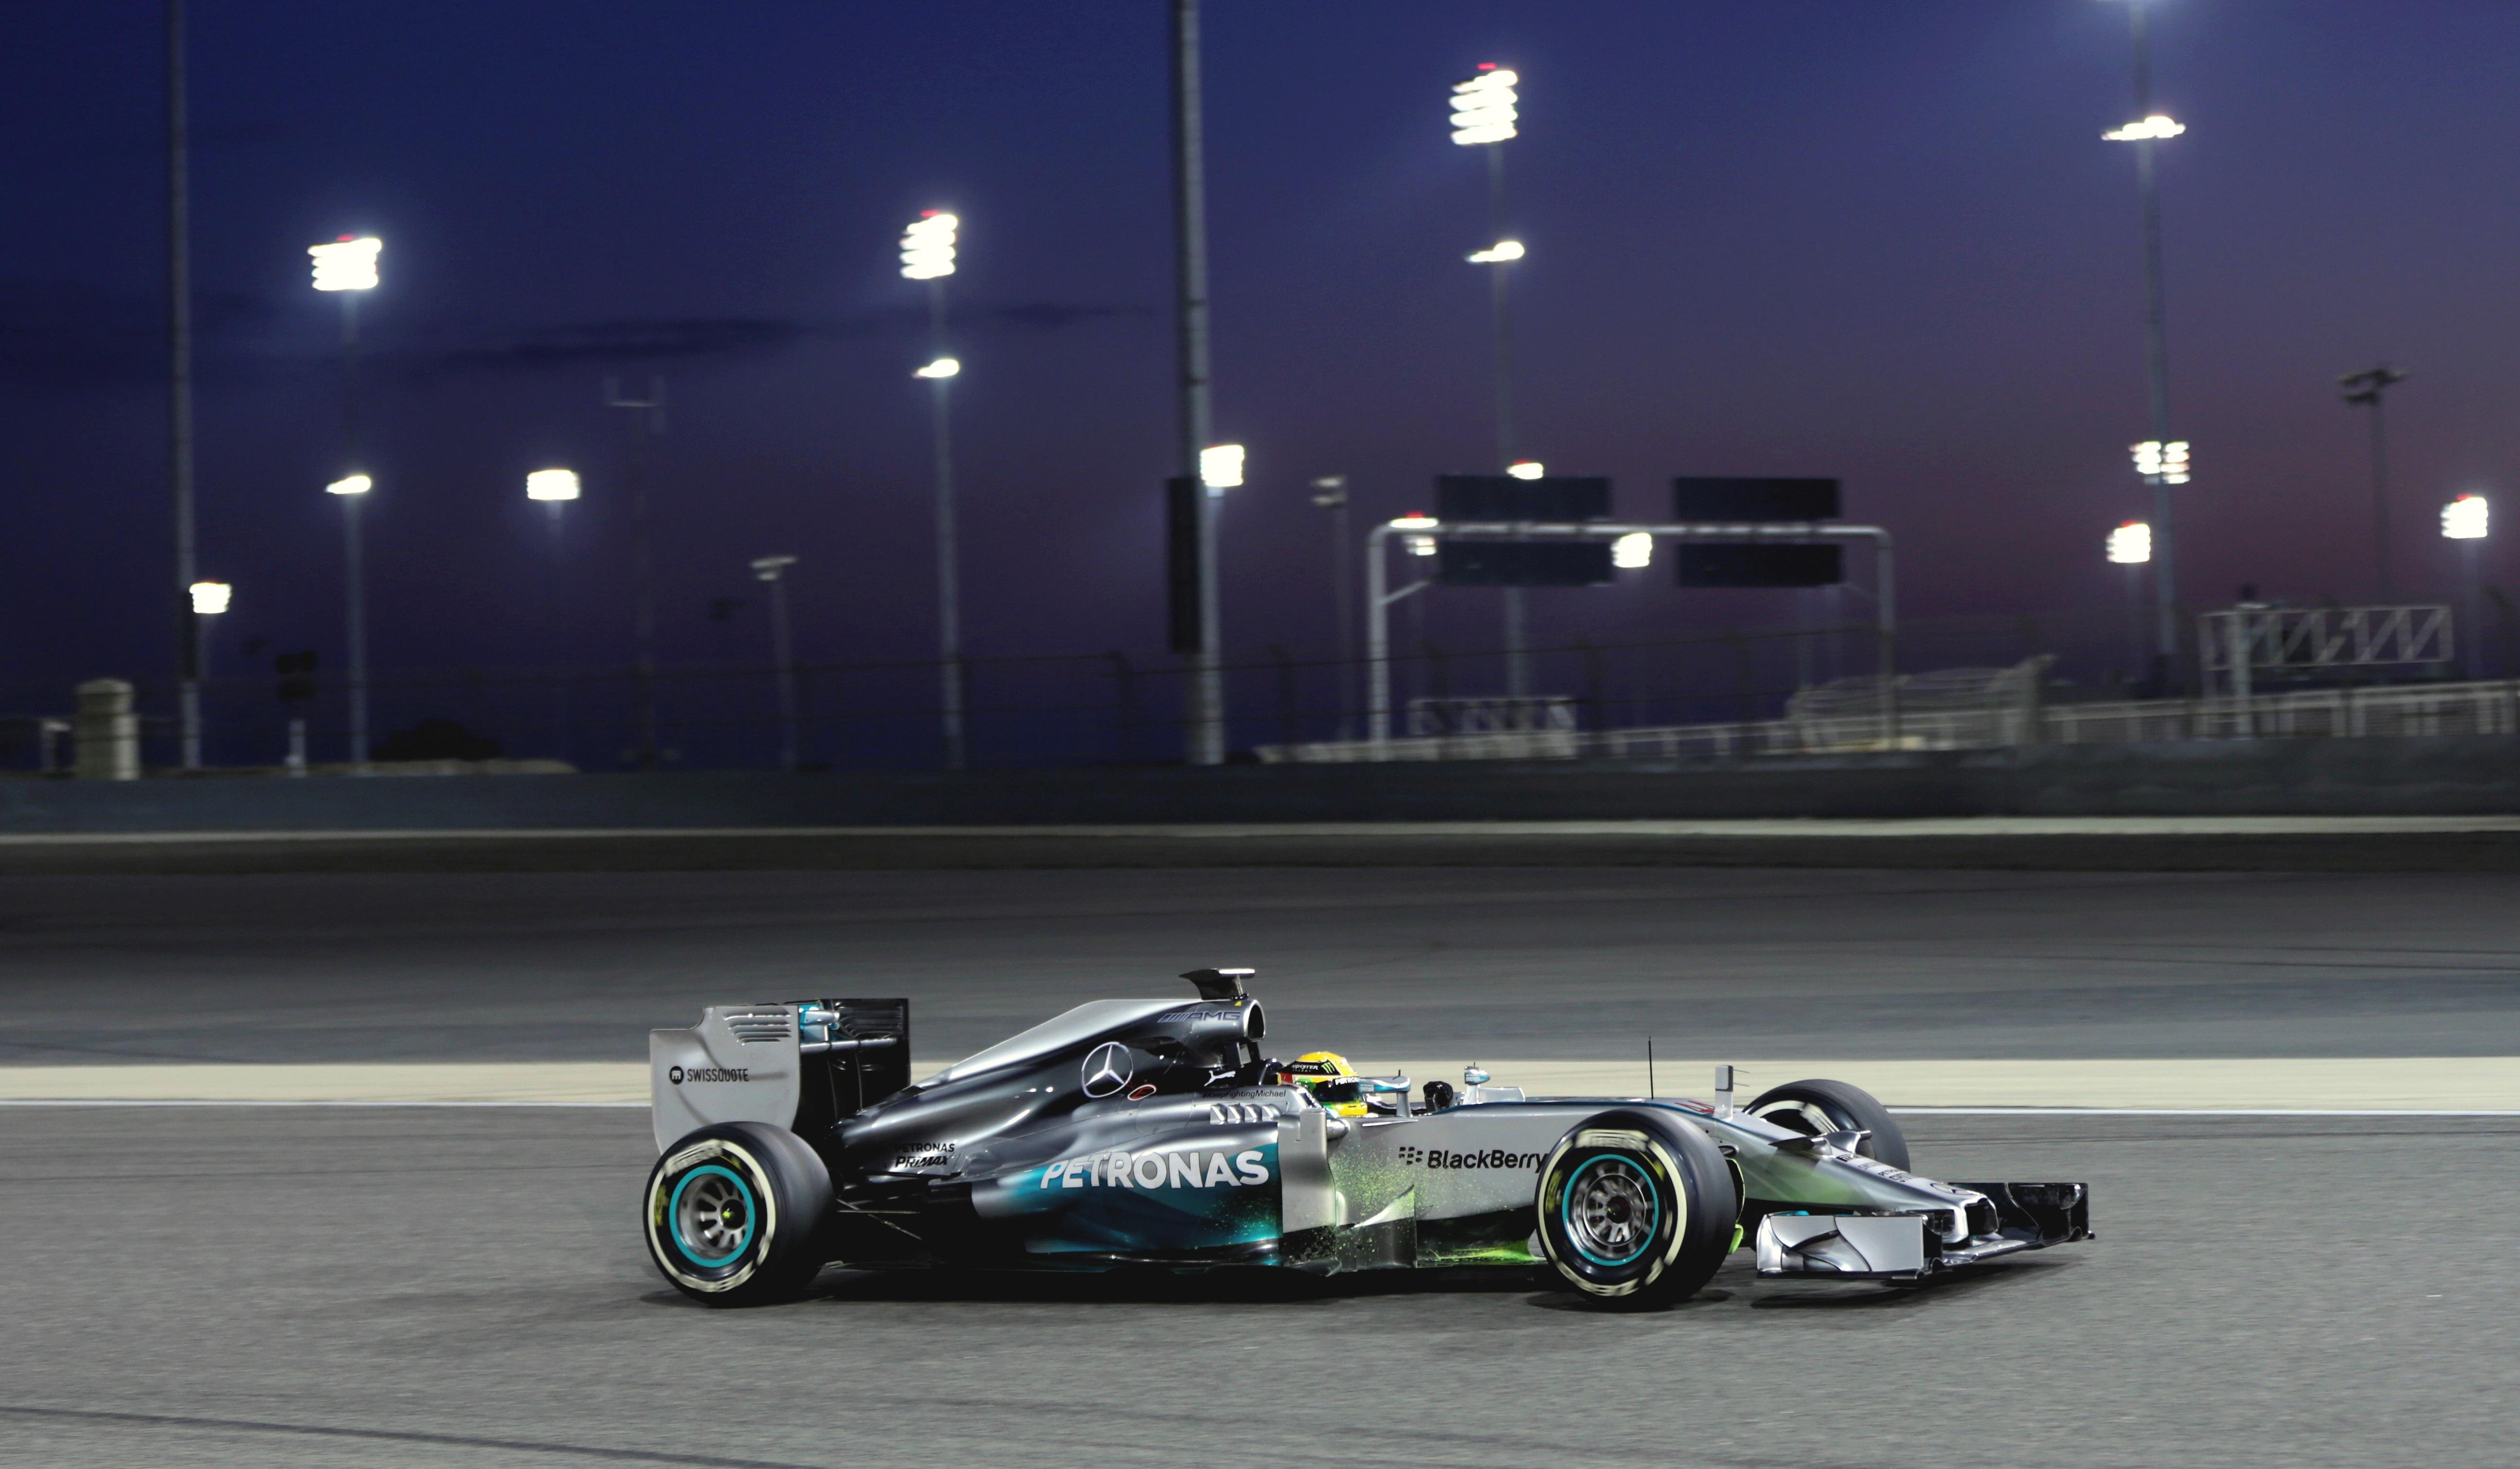 Mercedes f1 wallpaper 4k 10